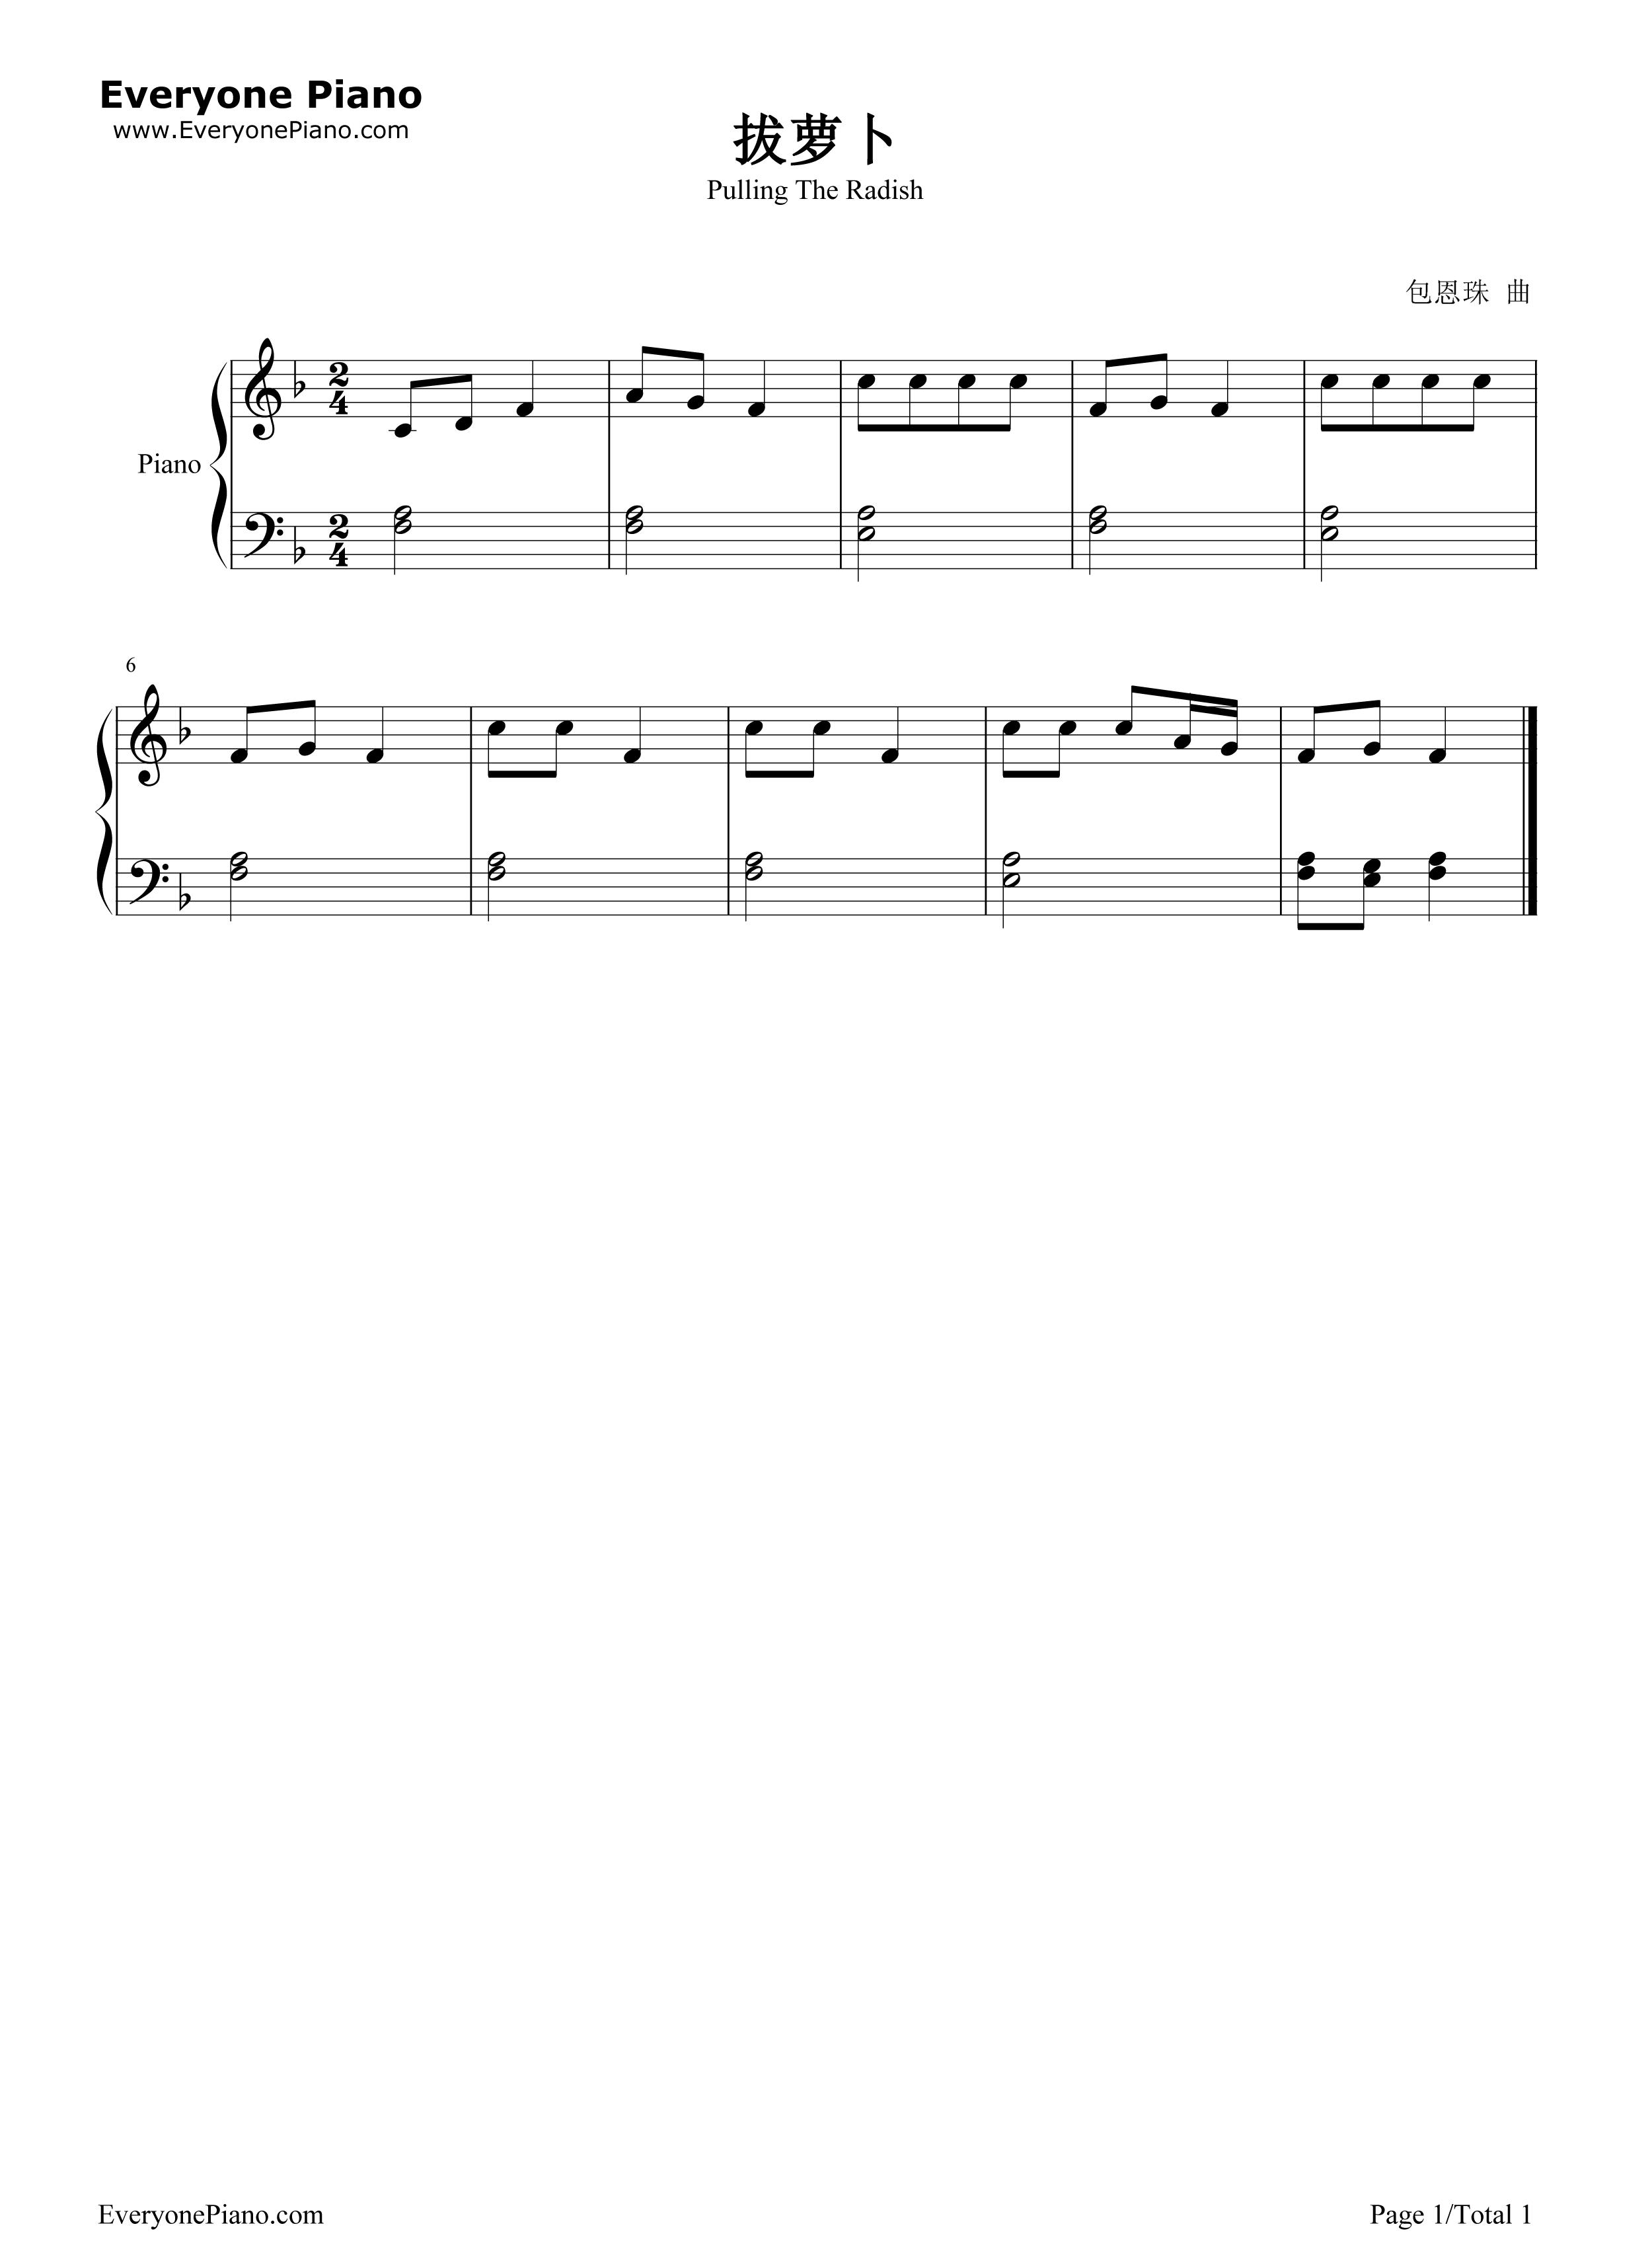 钢琴曲谱 儿歌 拔萝卜 拔萝卜五线谱预览1   仅供个人学习交流使用 可